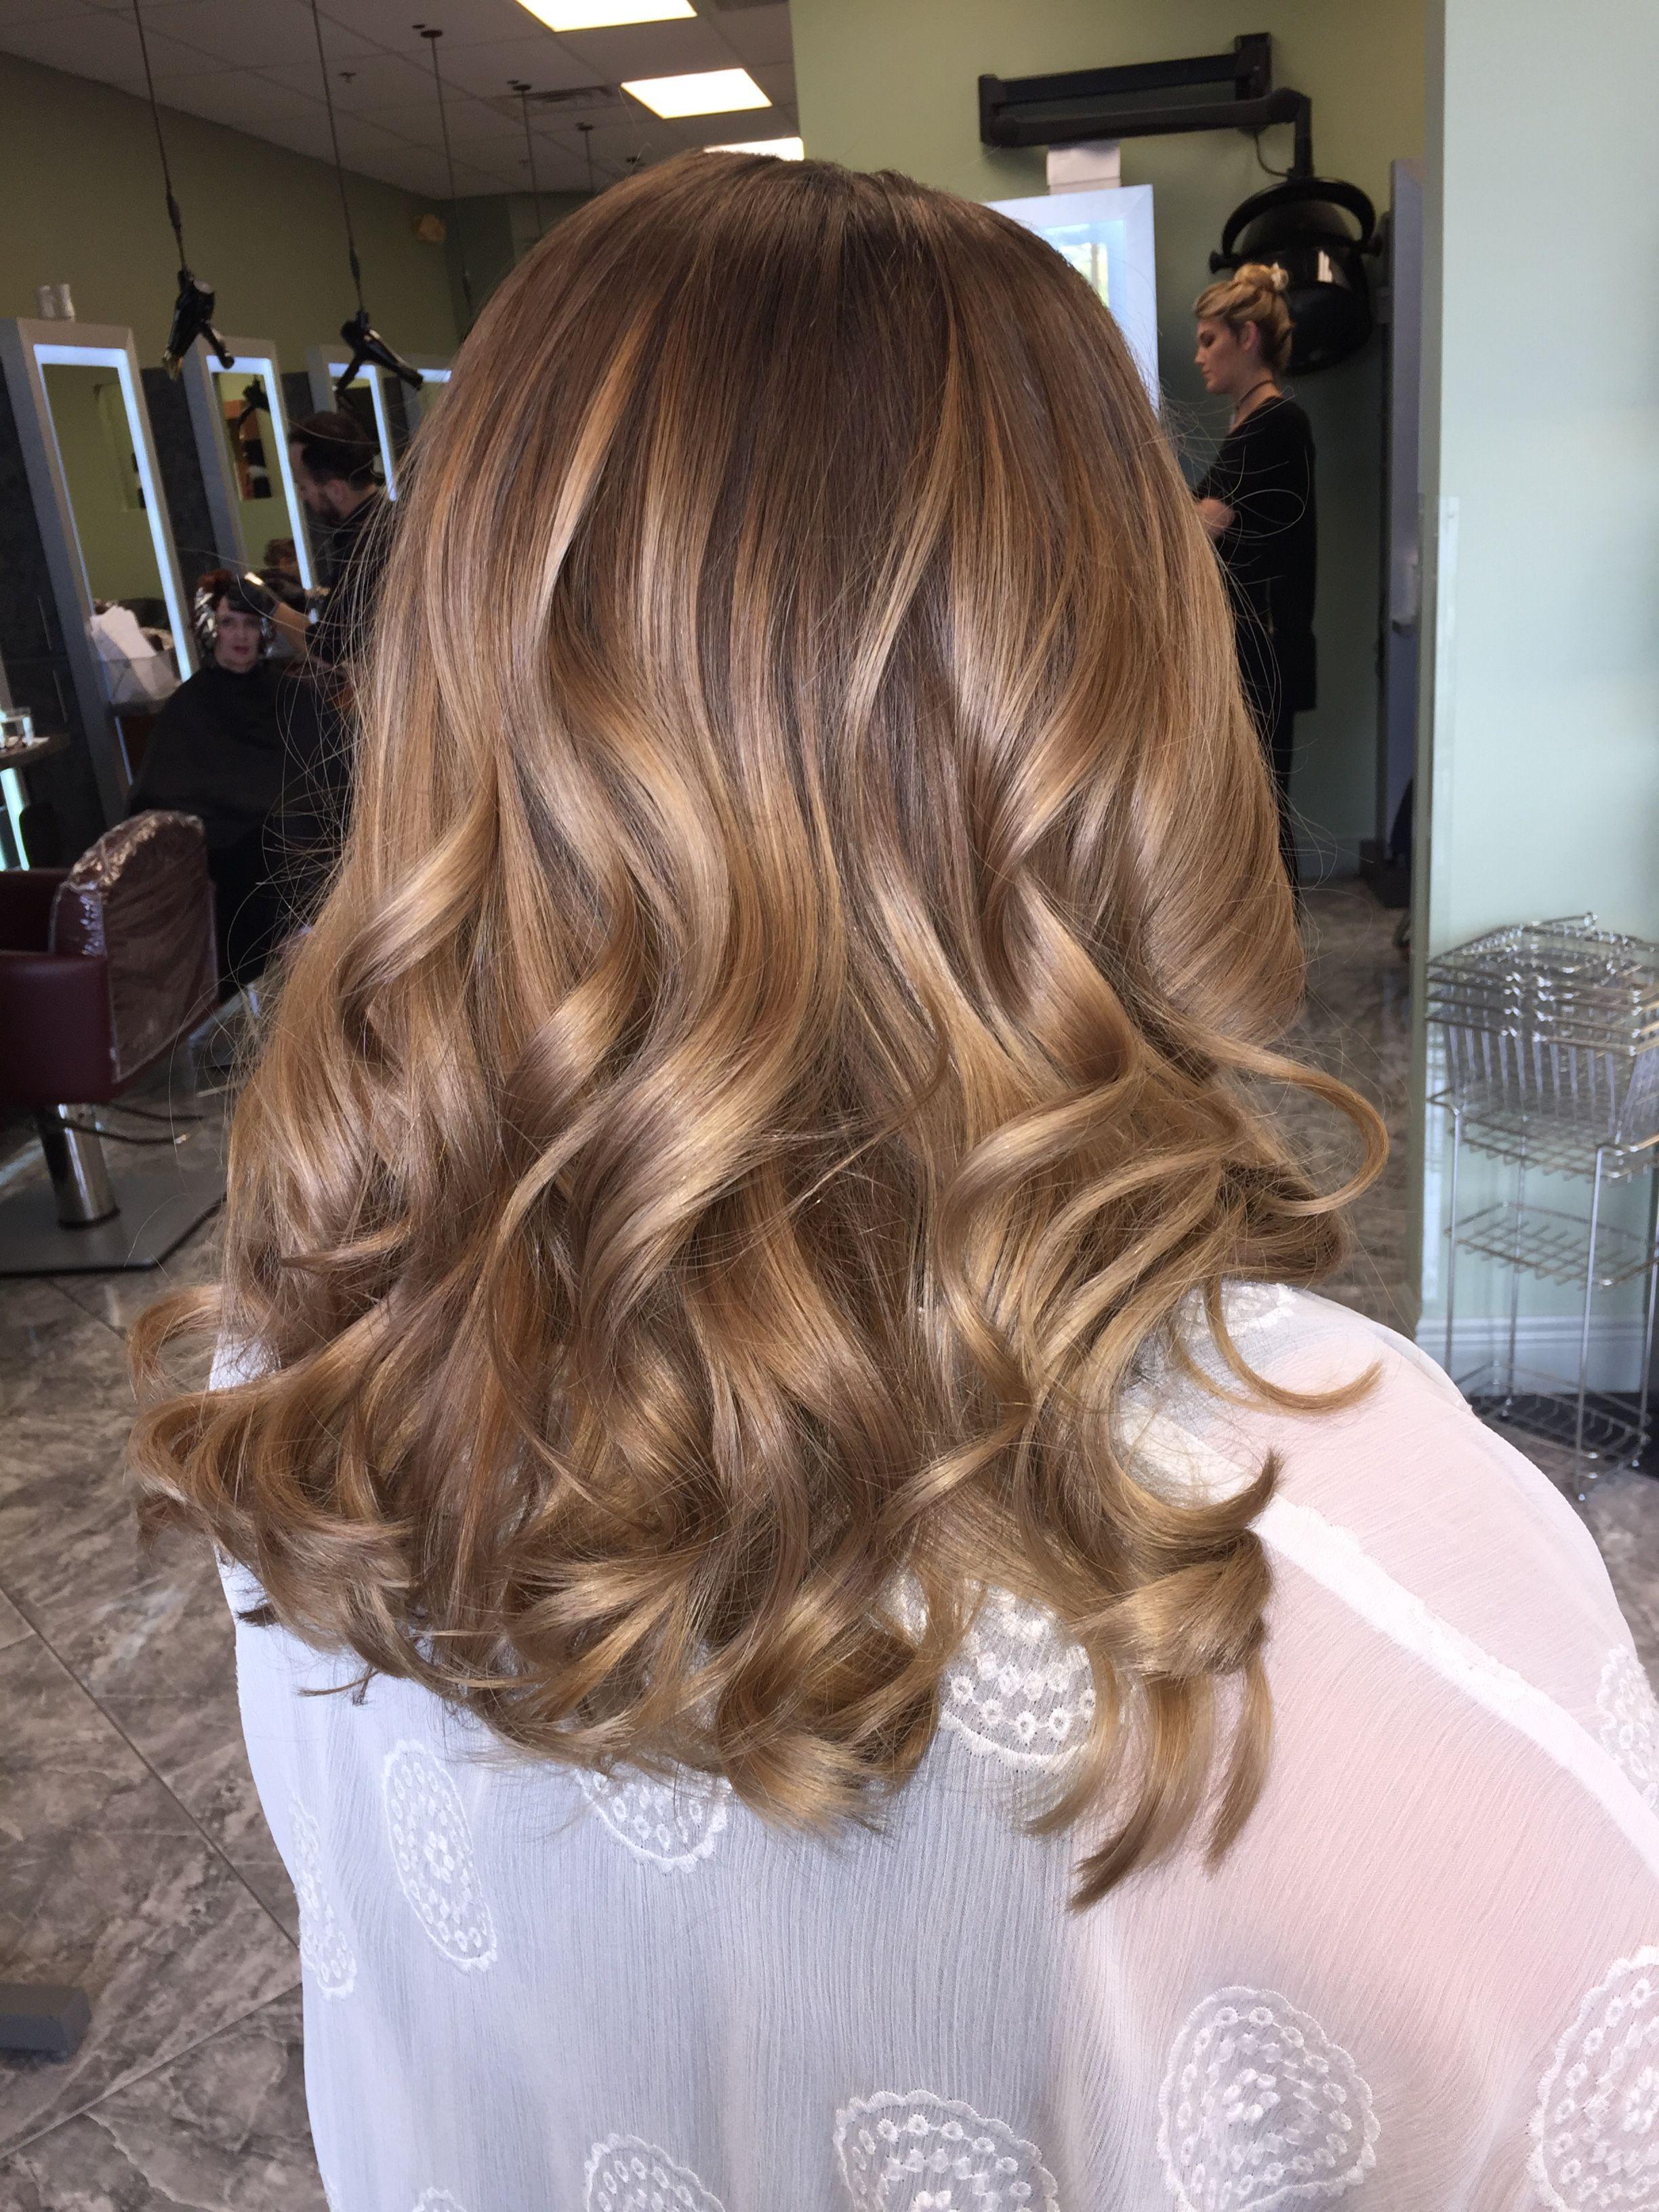 Honey blonde balayage #hairbyashcha #balayage #honeyblonde